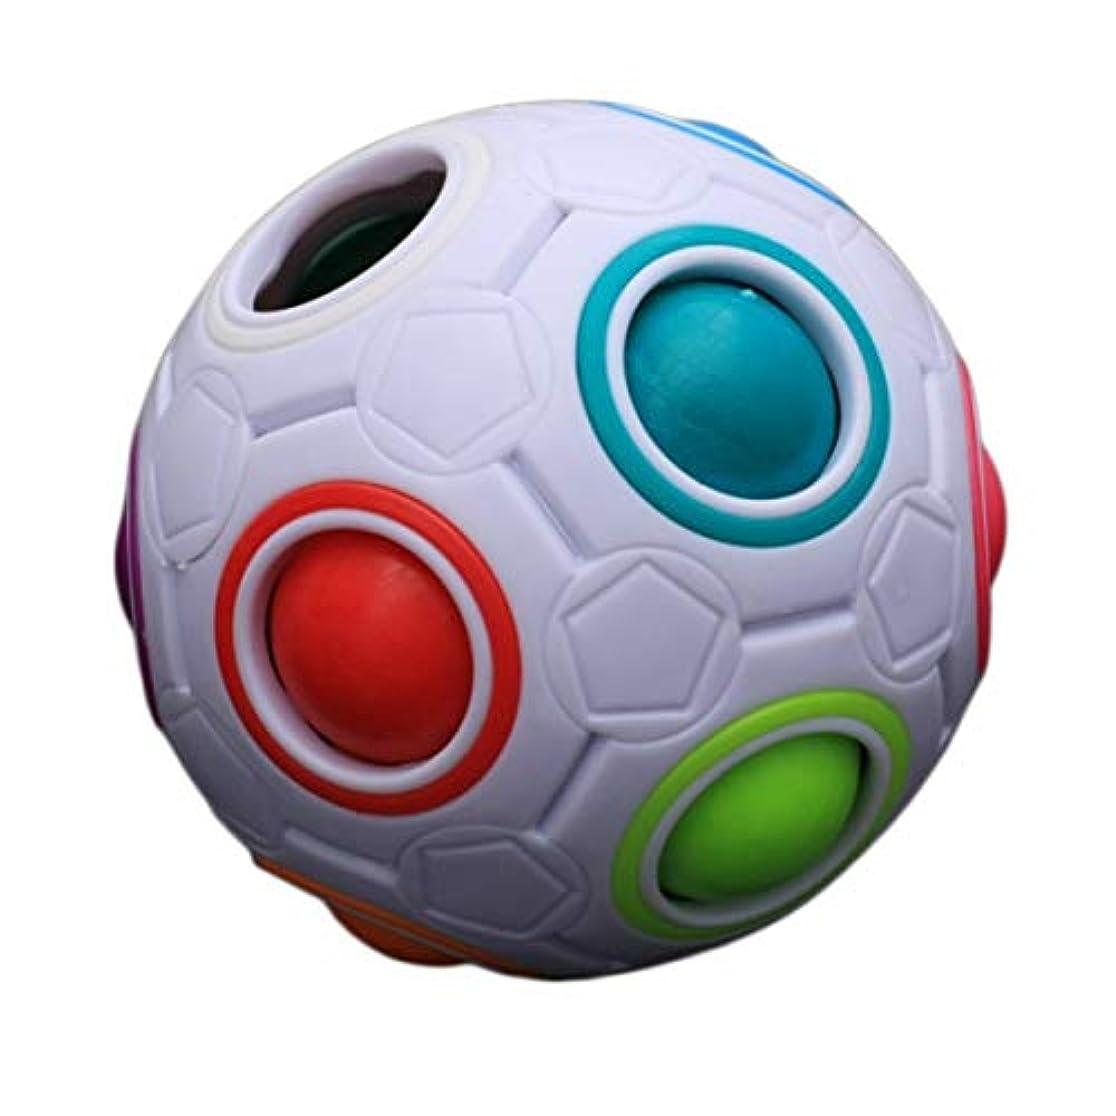 排除接続詞着飾るTivollyff ユニークな子供子供球形レインボーボールサッカーマジック玩具カラフルな学習教育パズルブロックおもちゃギフト用赤ちゃん